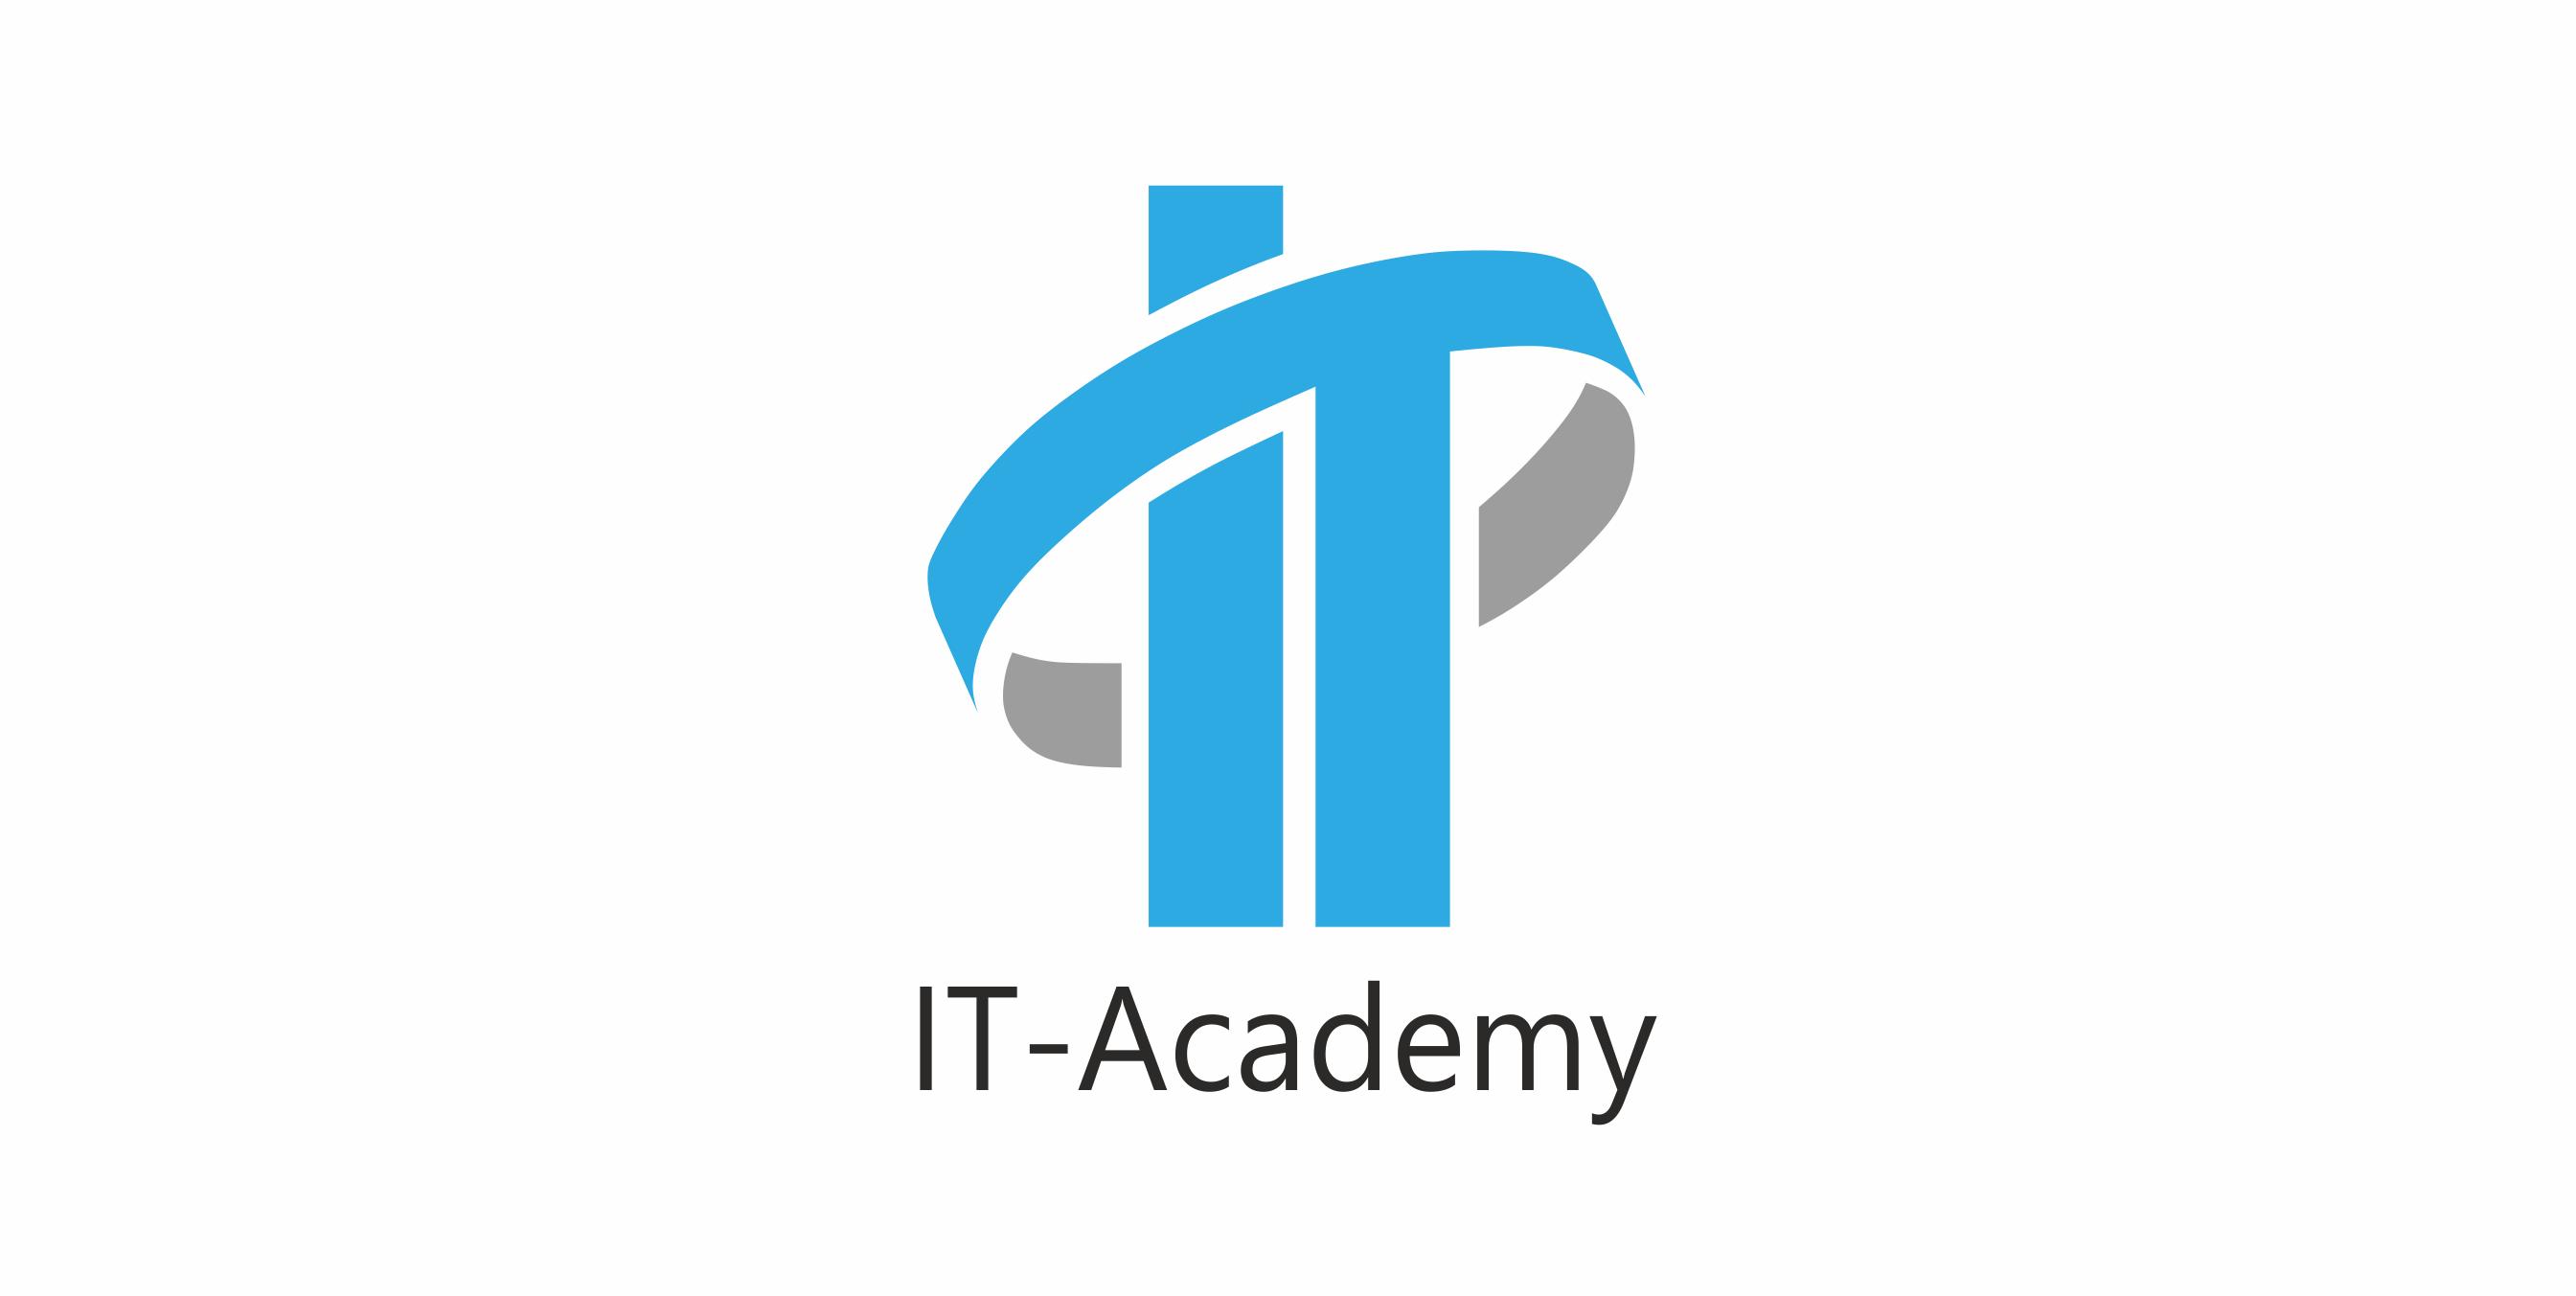 «Войти в IT» со скидкой 10%. Партнерское предложение от IT-Academy